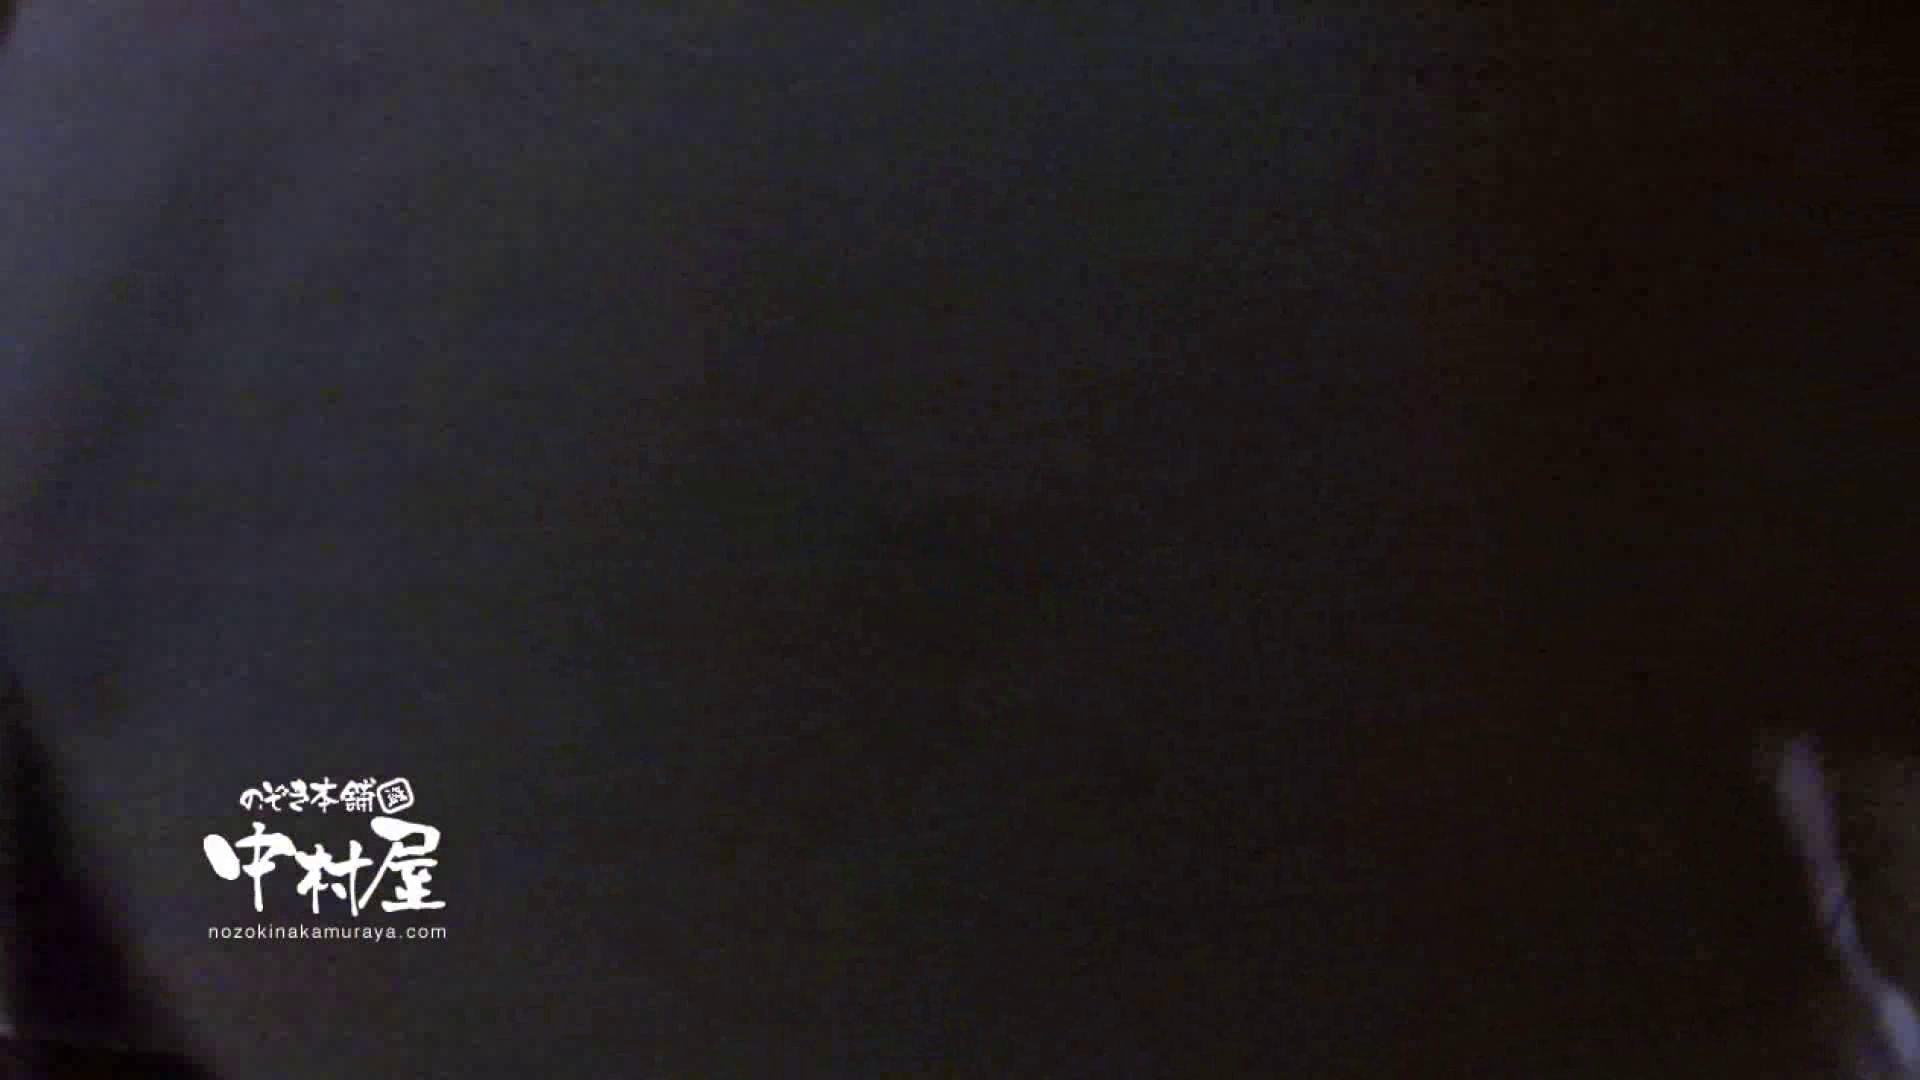 鬼畜 vol.10 あぁ無情…中出しパイパン! 前編 OL女体 盗撮動画紹介 101連発 74